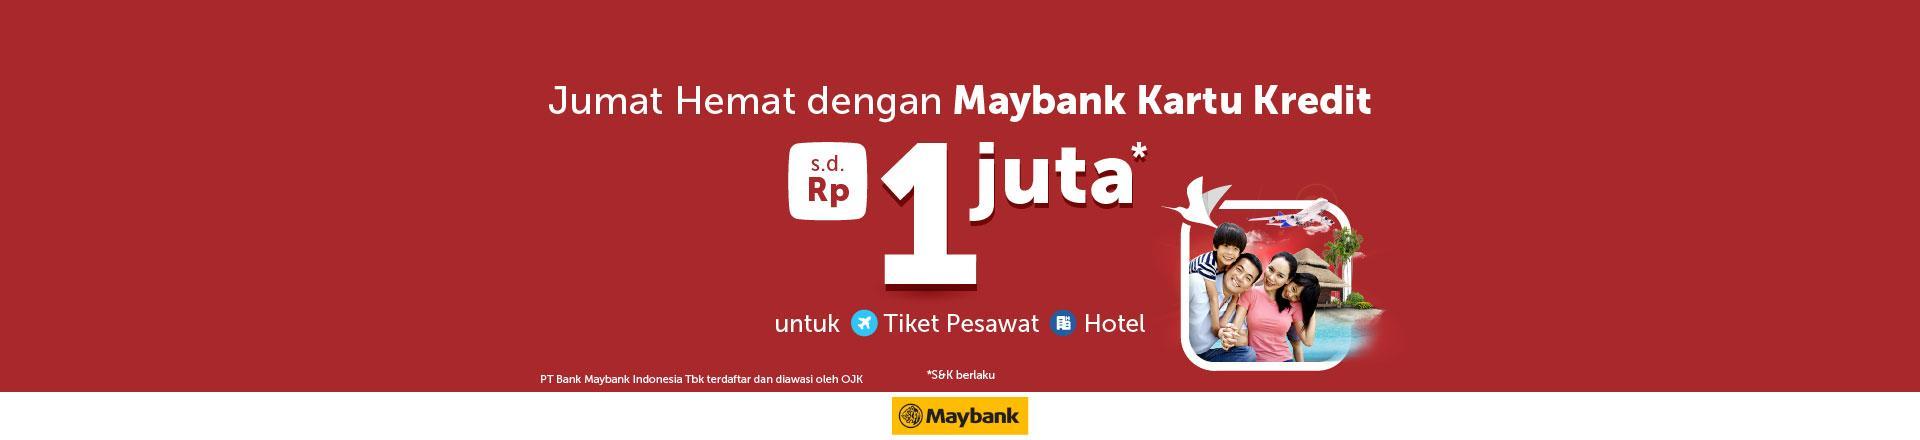 Promo Maybank Kartu Kredit